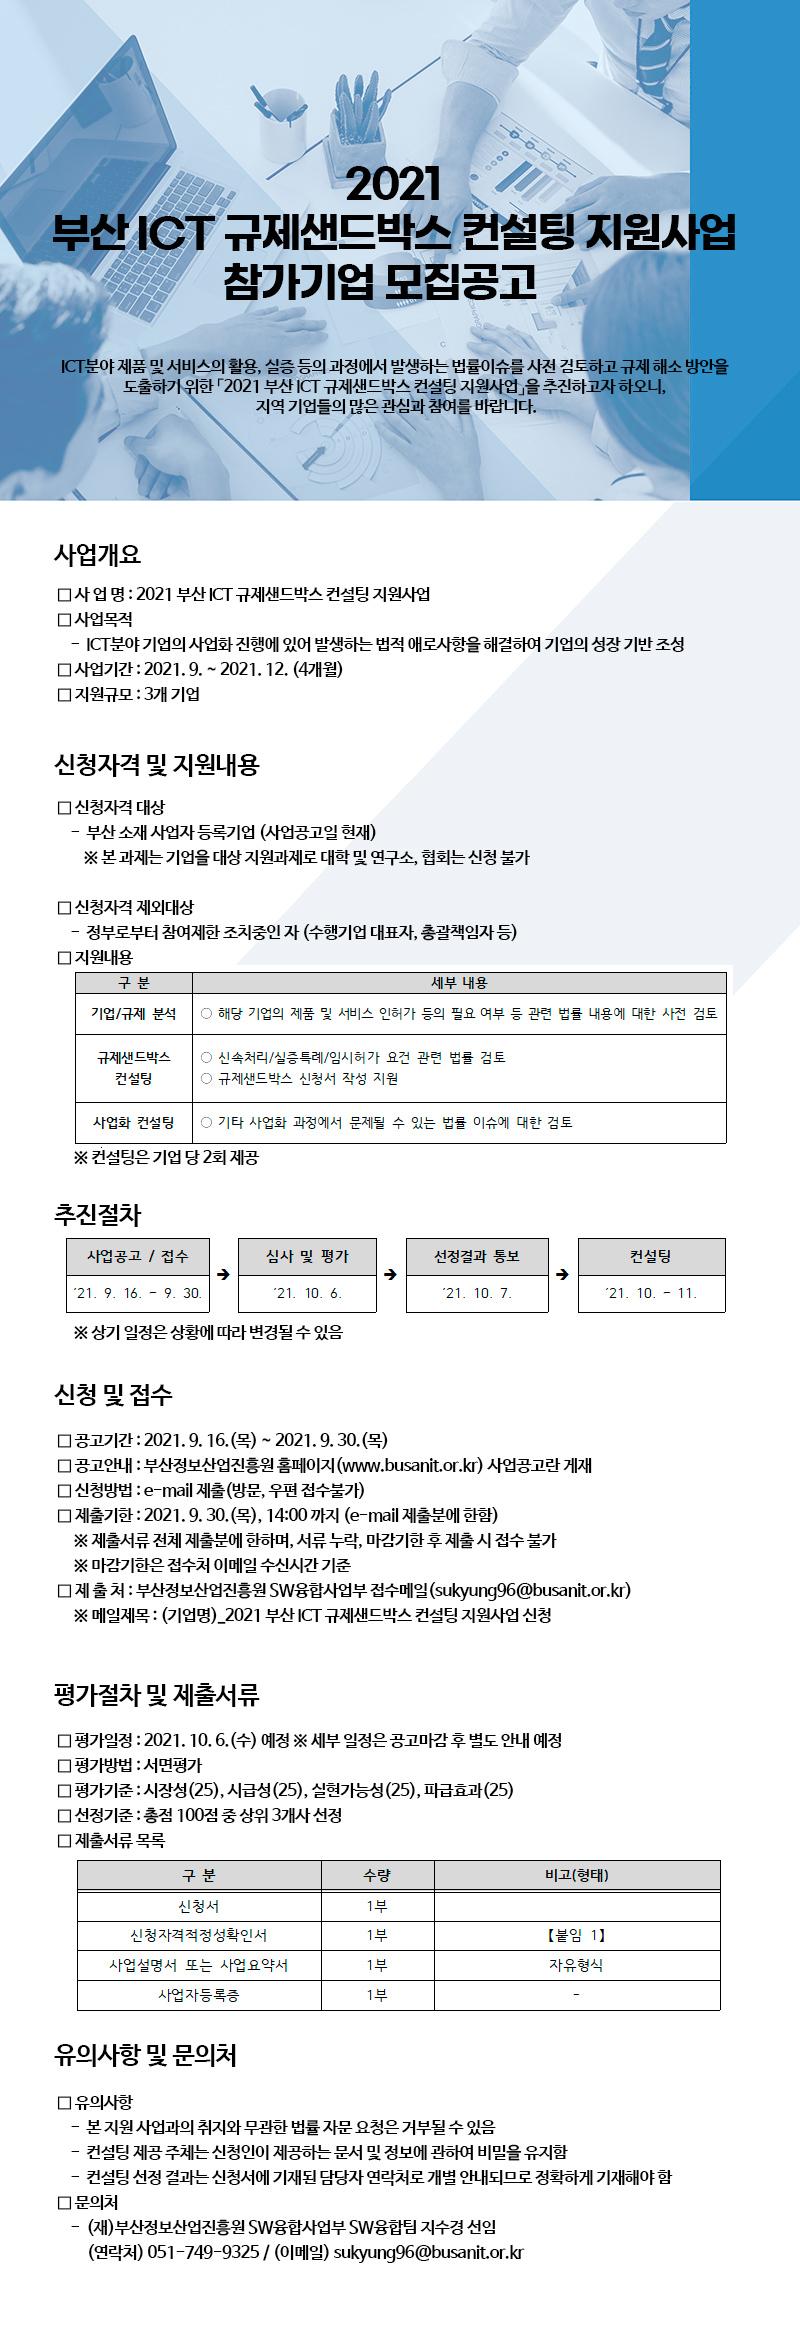 2021 부산 ICT 규제샌드박스 컨설팅 지원사업 참가기업 모집공고